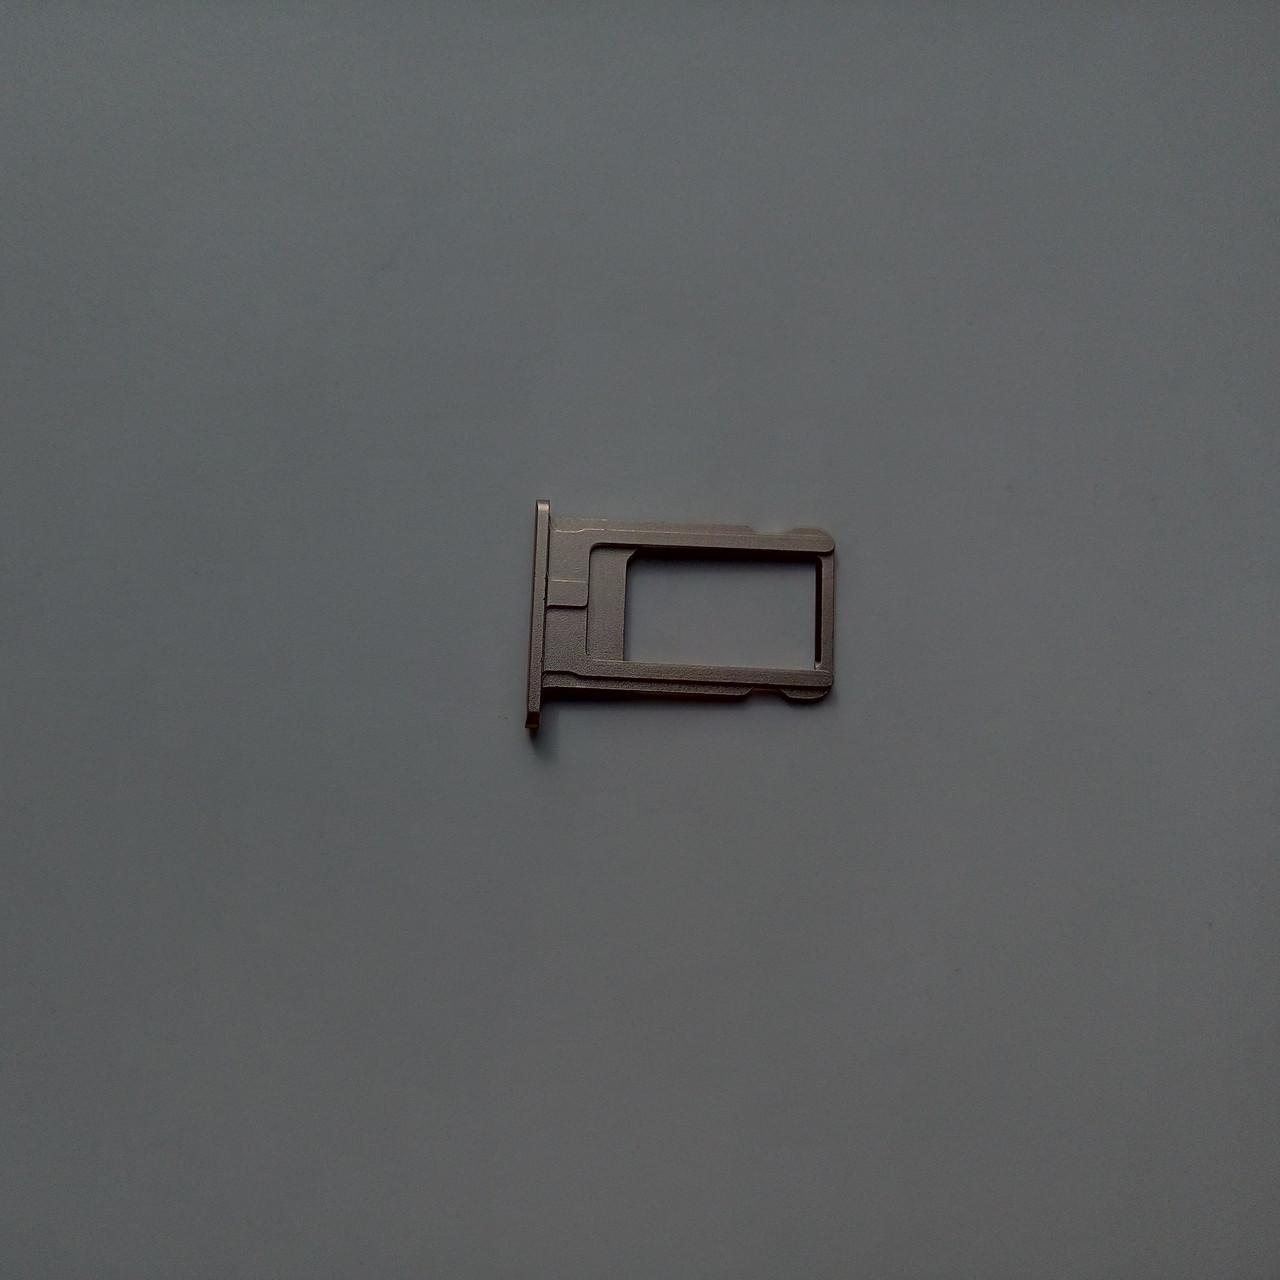 Держатель sim-карты для Apple iPhone 6 Gold